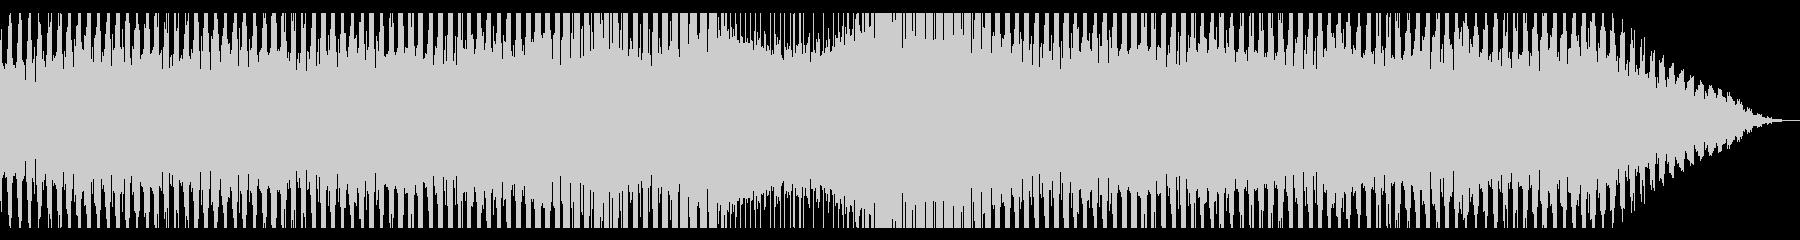 スペースドローン:回転する重低音の未再生の波形